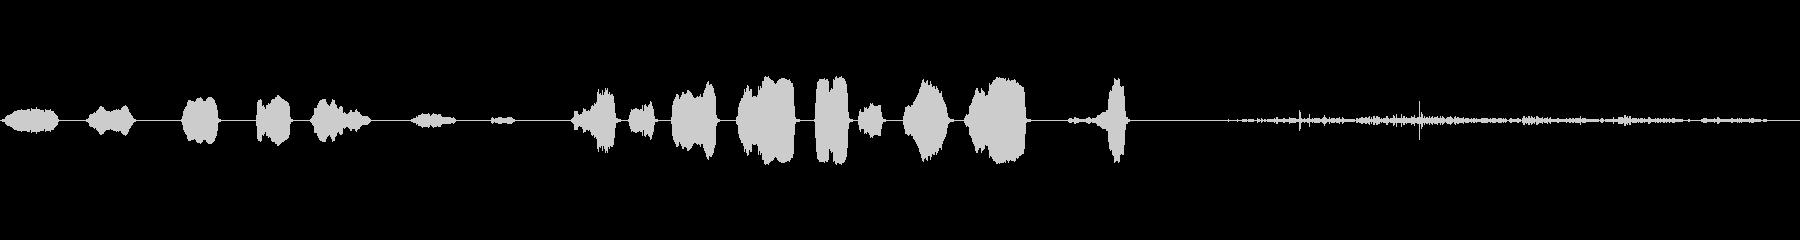 ブラックベアカブ、うめき声、PUR...の未再生の波形